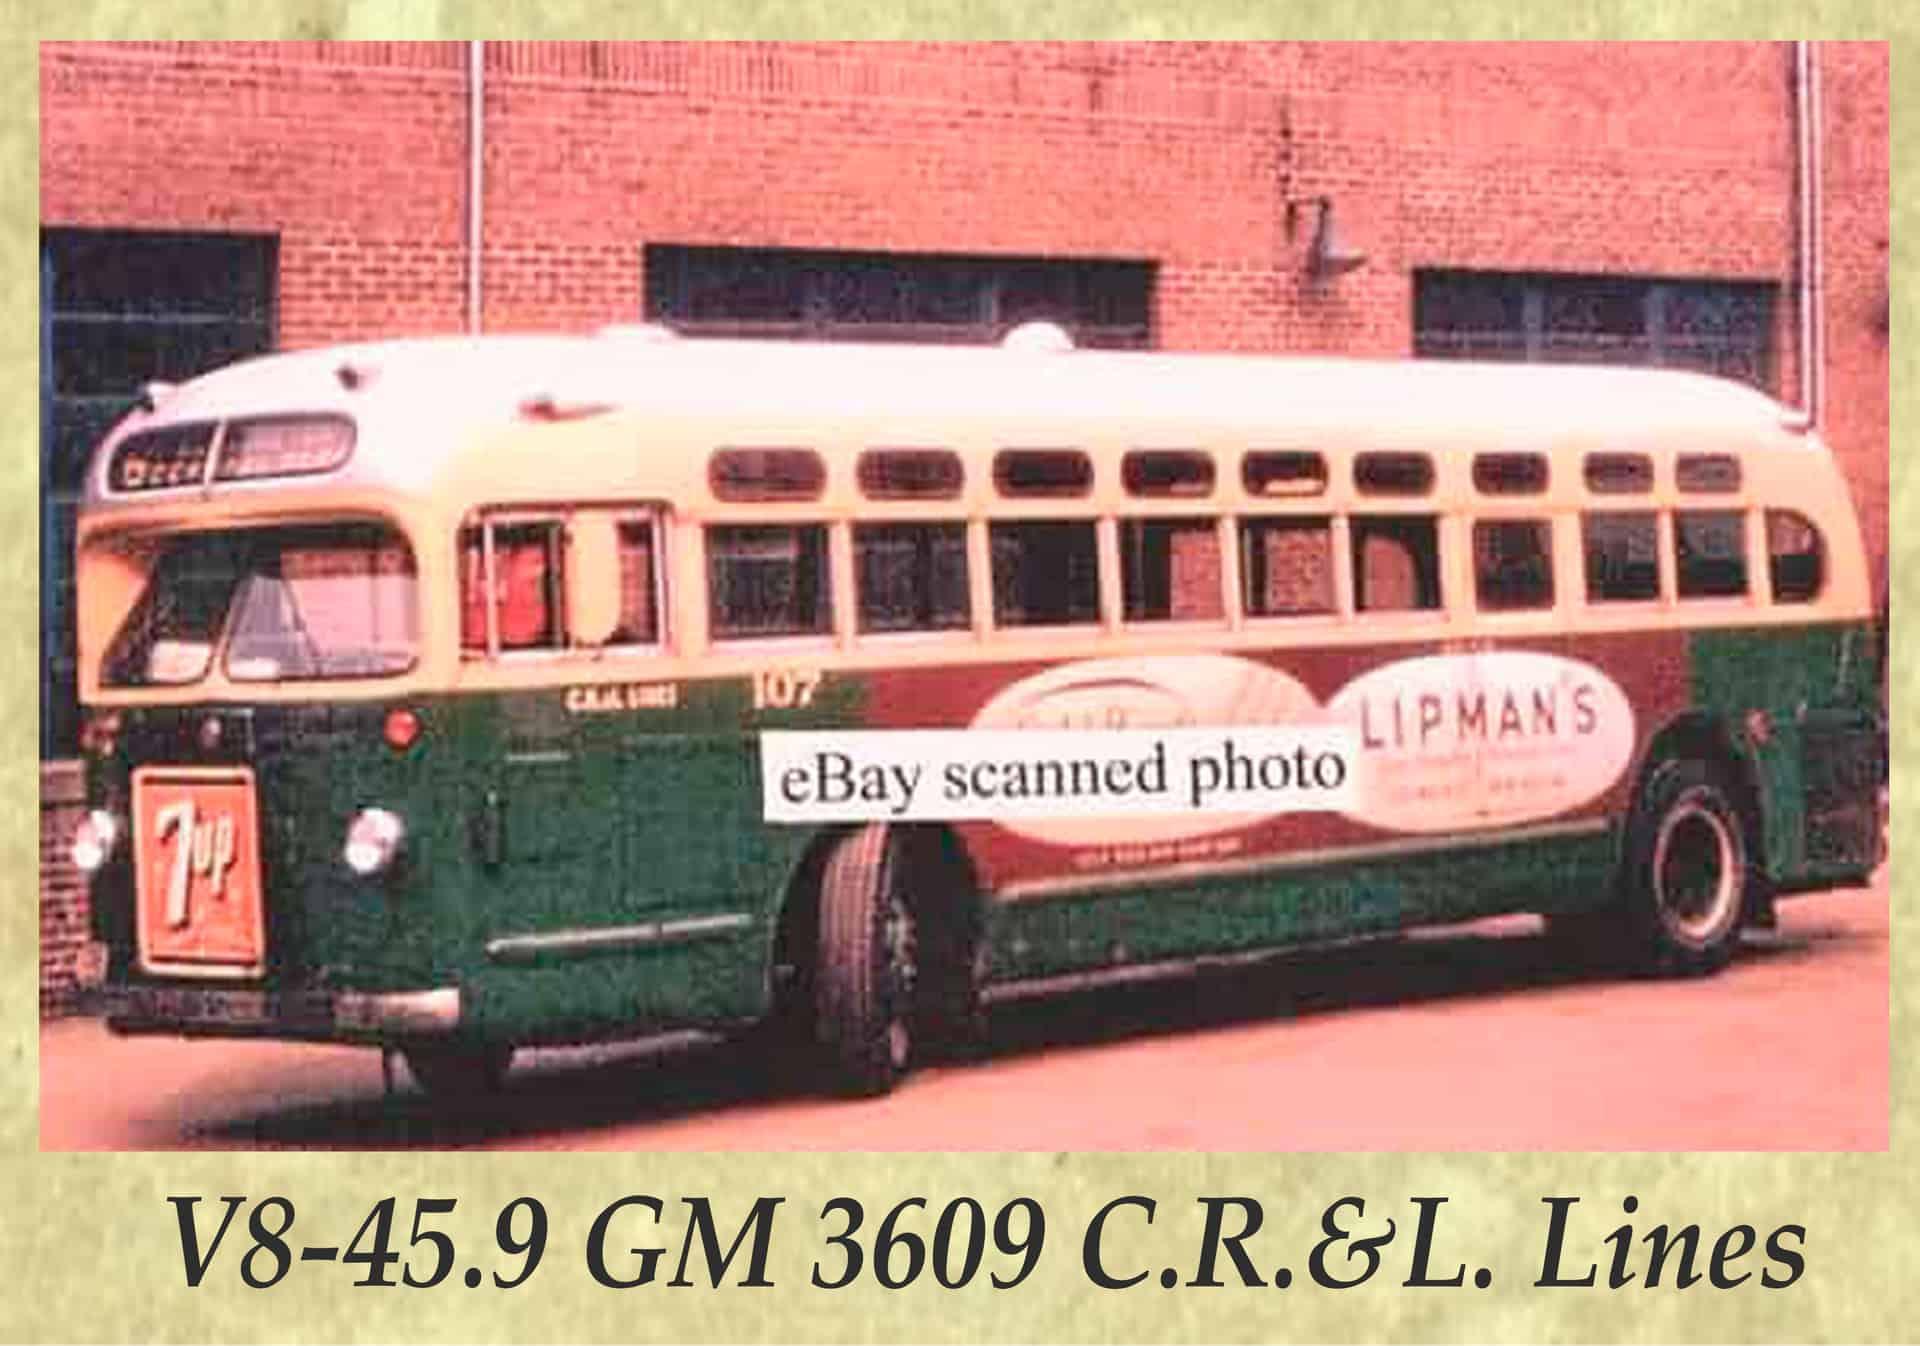 V8-45.9 GM 3609 C.R.&L. Lines